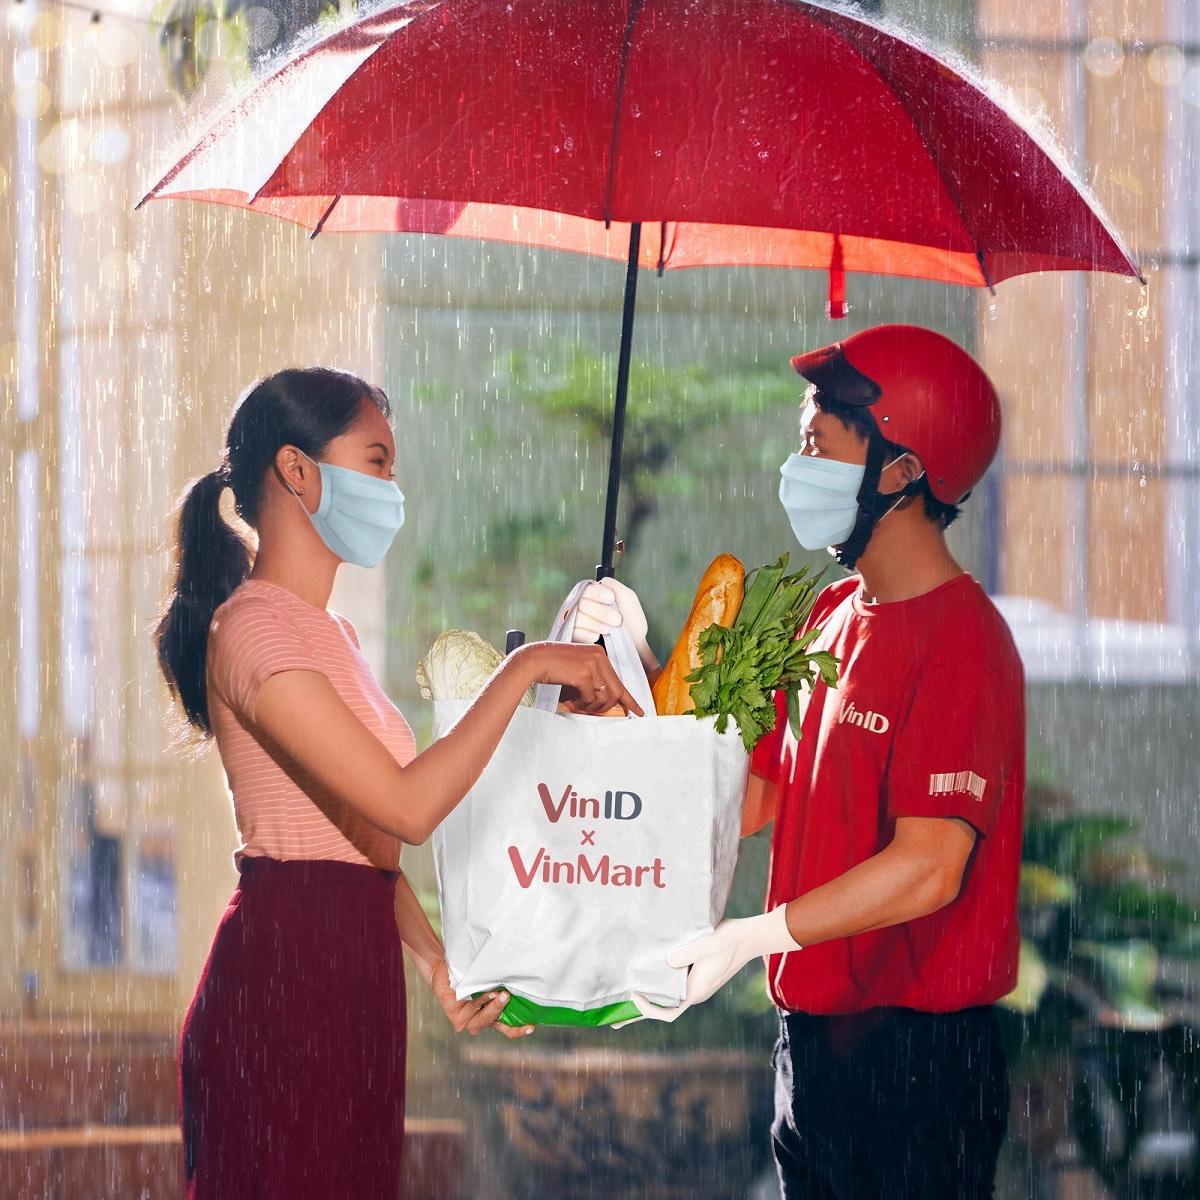 Khách hàng có thể mua sắm thuận tiện, an toàn qua VinID trong thời gian dịch bệnh.